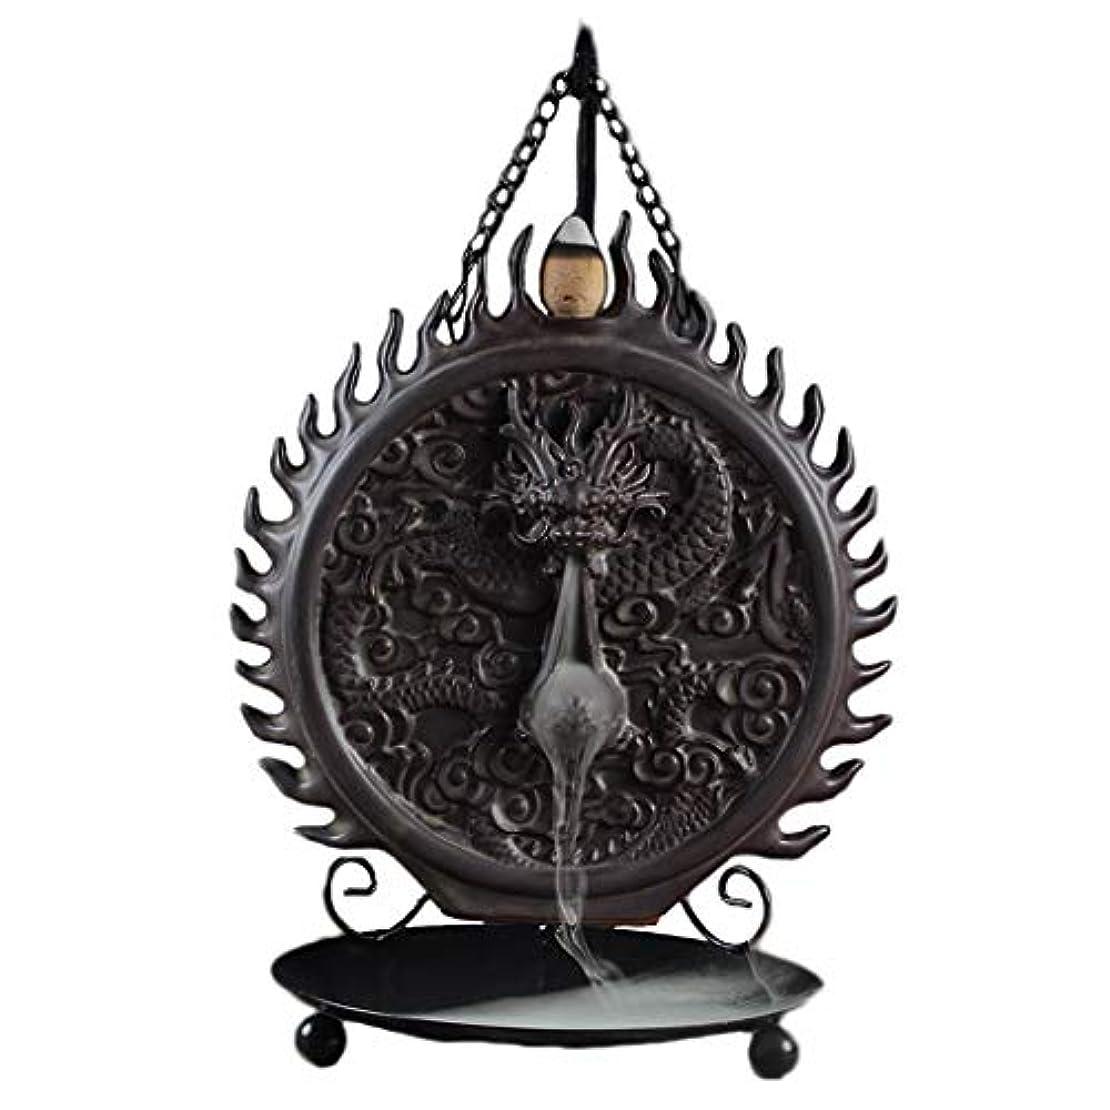 望む修道院砦セラミックハンギング香炉バックフロードラゴンディスクホーム炉装飾香ホルダーアロマセラピー香バーナーホルダー (Color : Black, サイズ : 6.29*9.44inches)